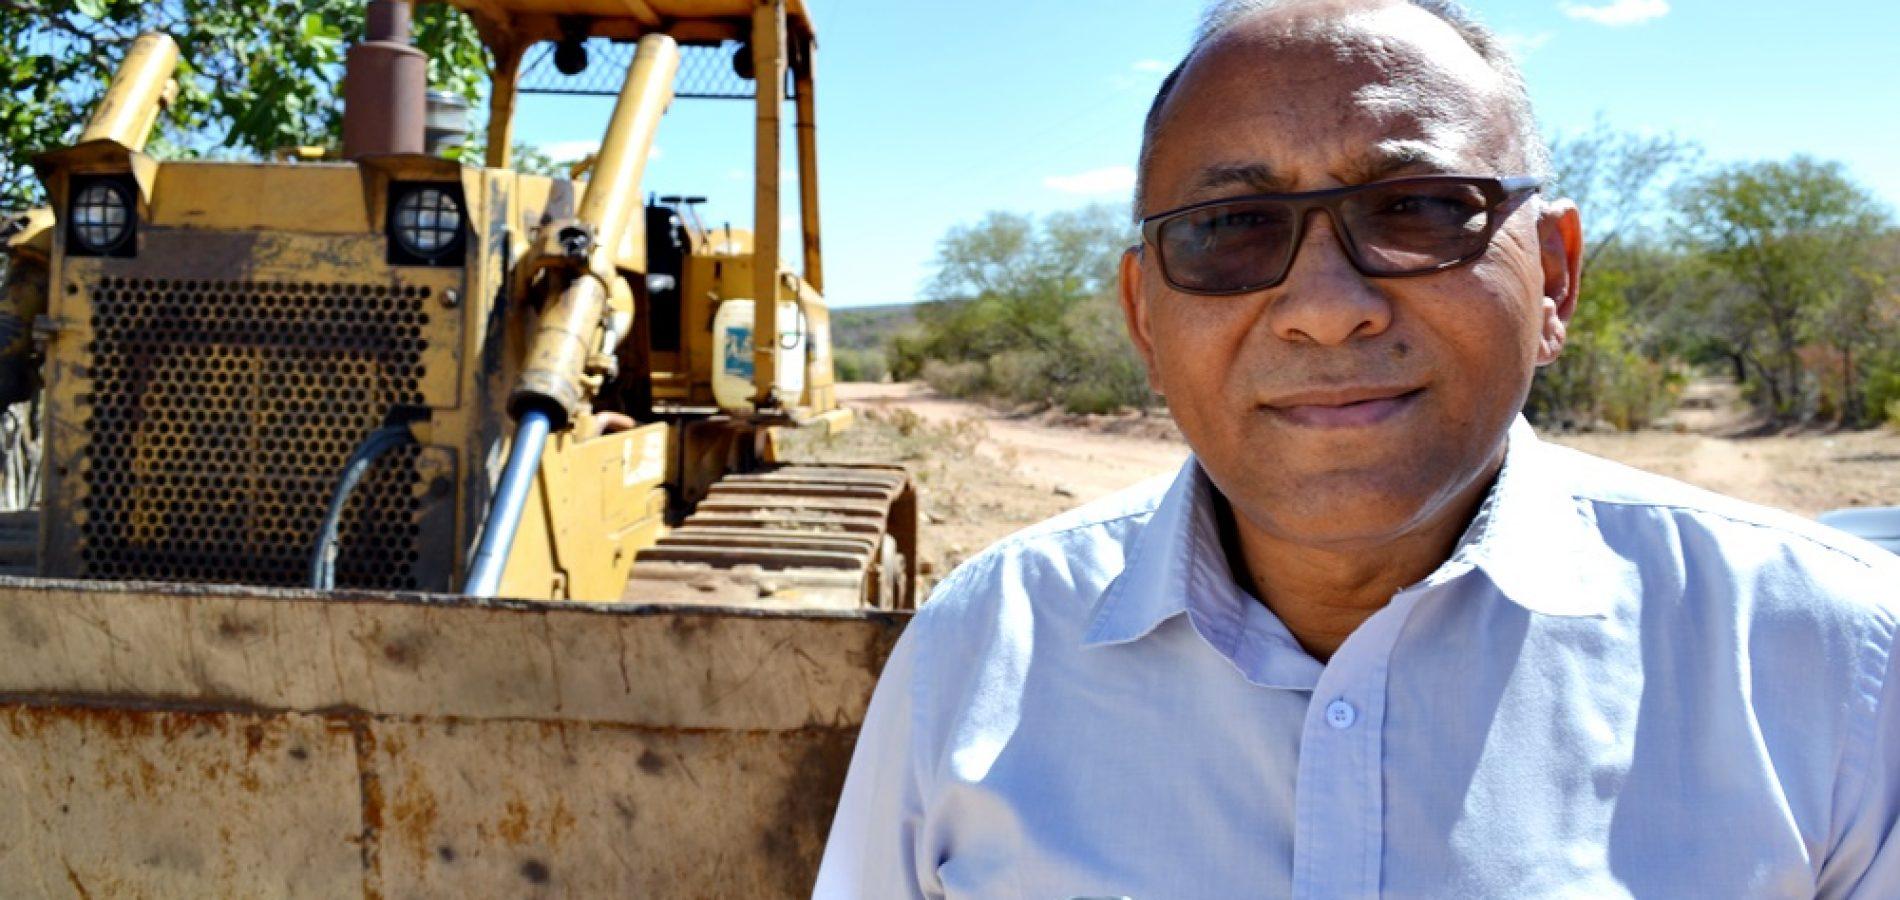 R$ 2,4 milhões serão investidos no asfaltamento da estrada que liga BR 407 ao povoado Várzea Queimada; obras já começaram